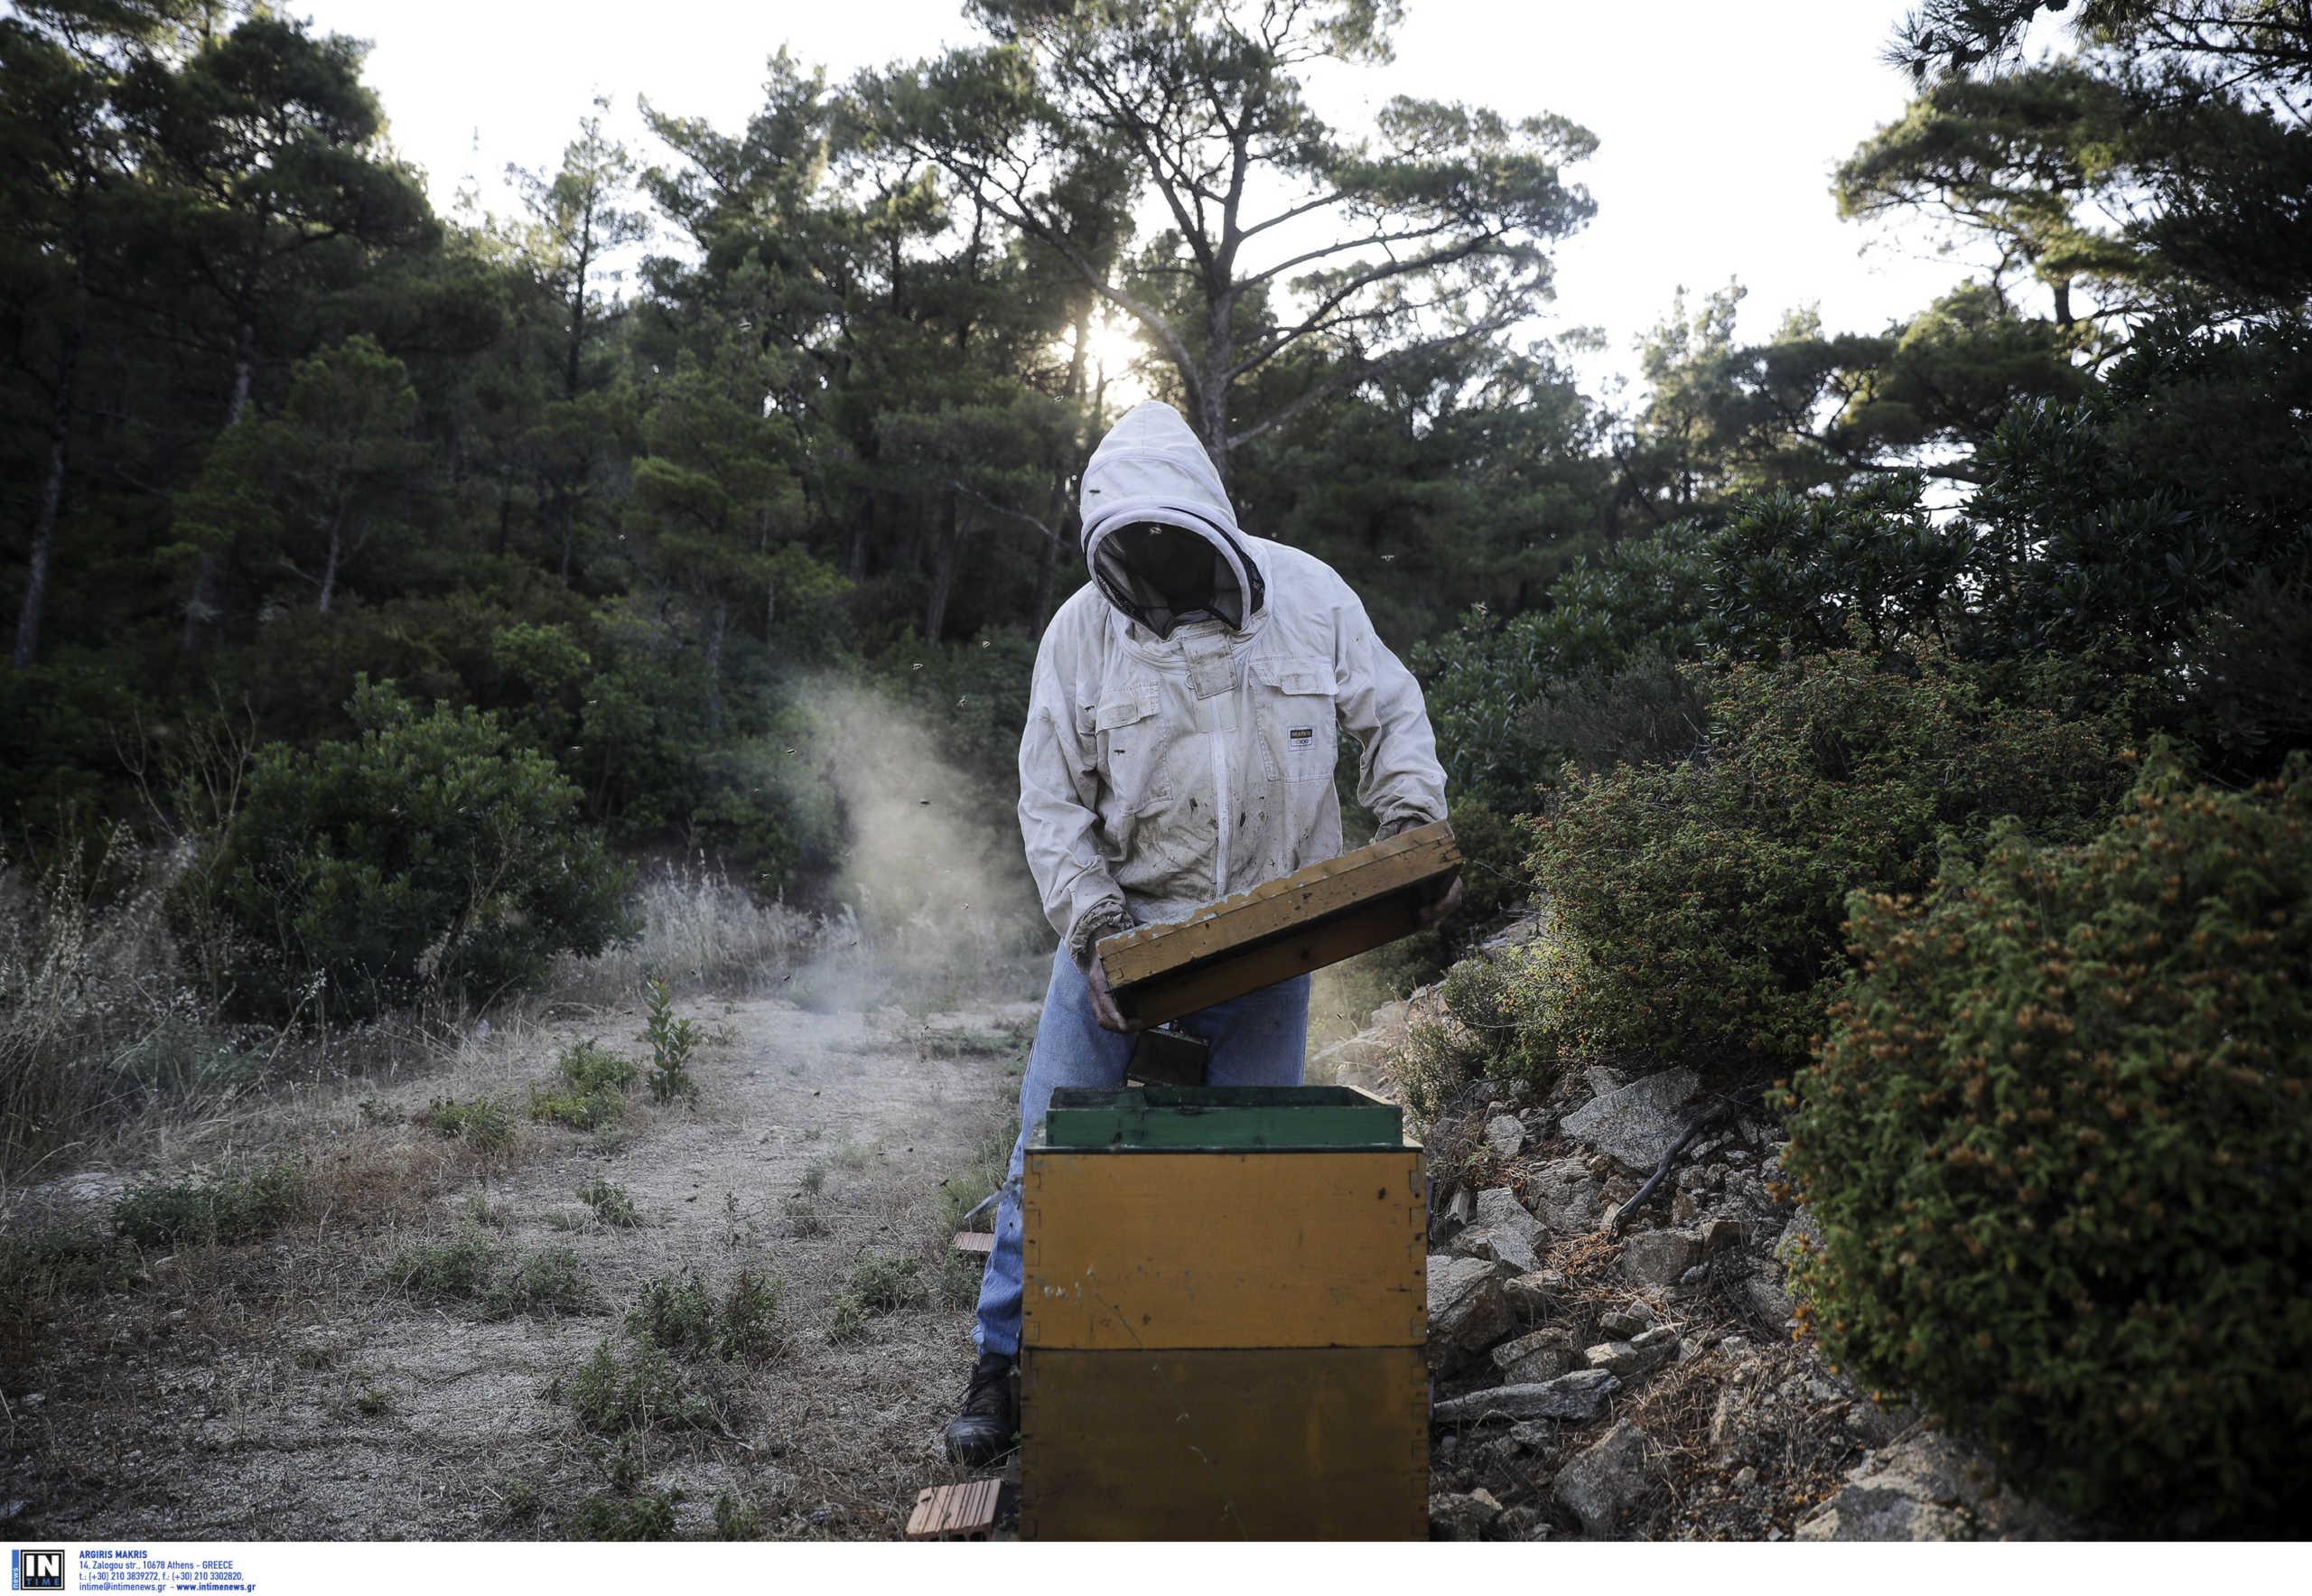 Τεράστιο πλήγμα έχει δεχτεί η ελληνική μελισσοκομία – Απογοητευτική η χρονιά